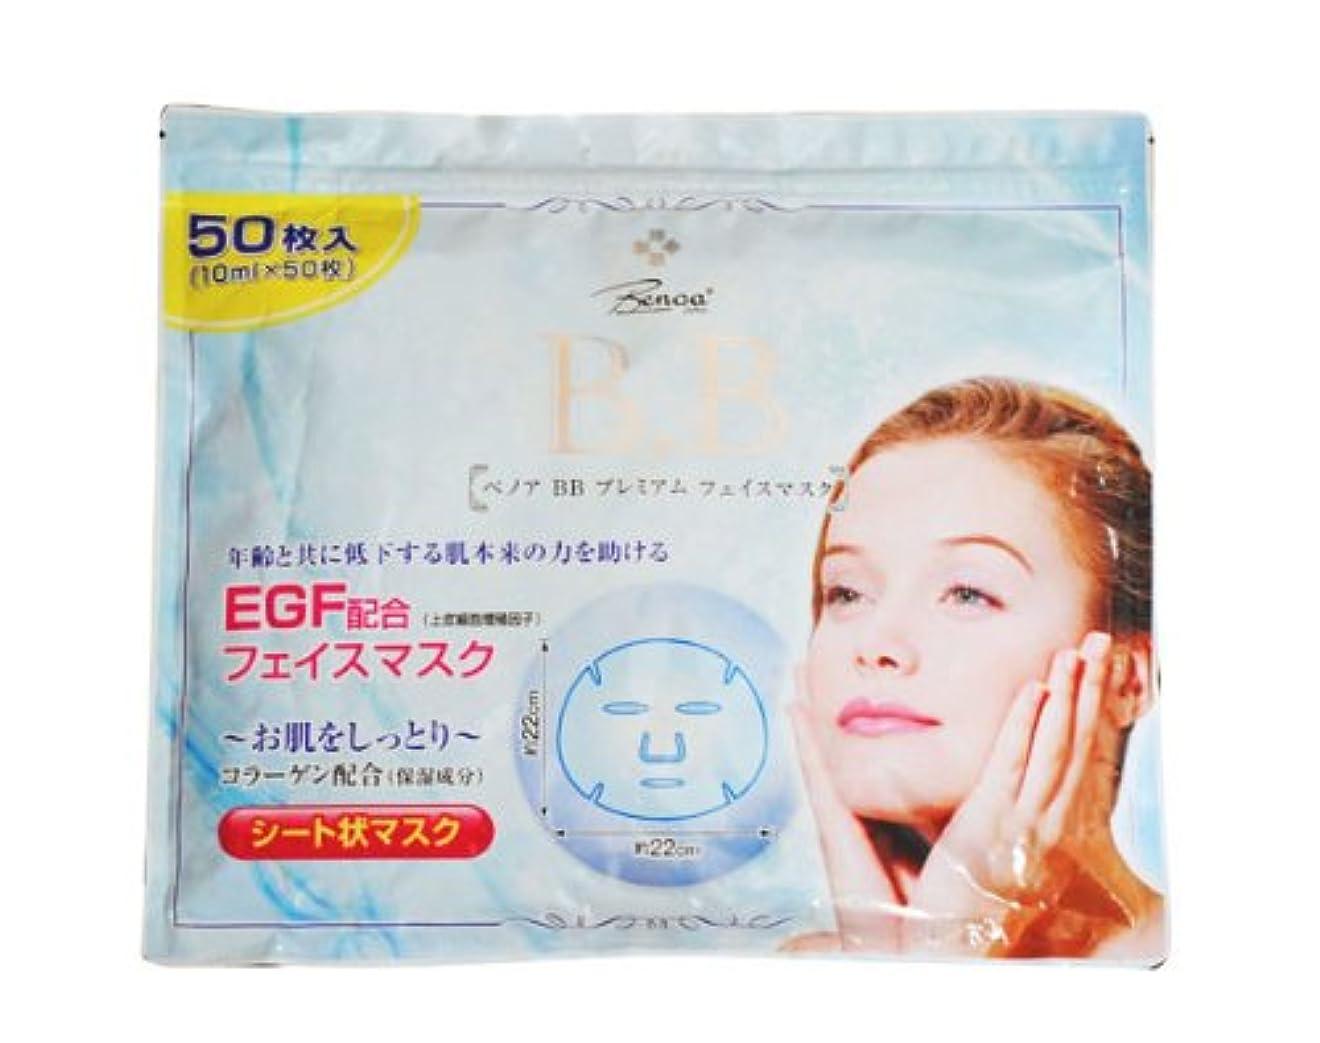 柔らかさ香水投げ捨てるベノア BB プレミアム フェイスマスク 50枚入 EGF配合 コラーゲン配合